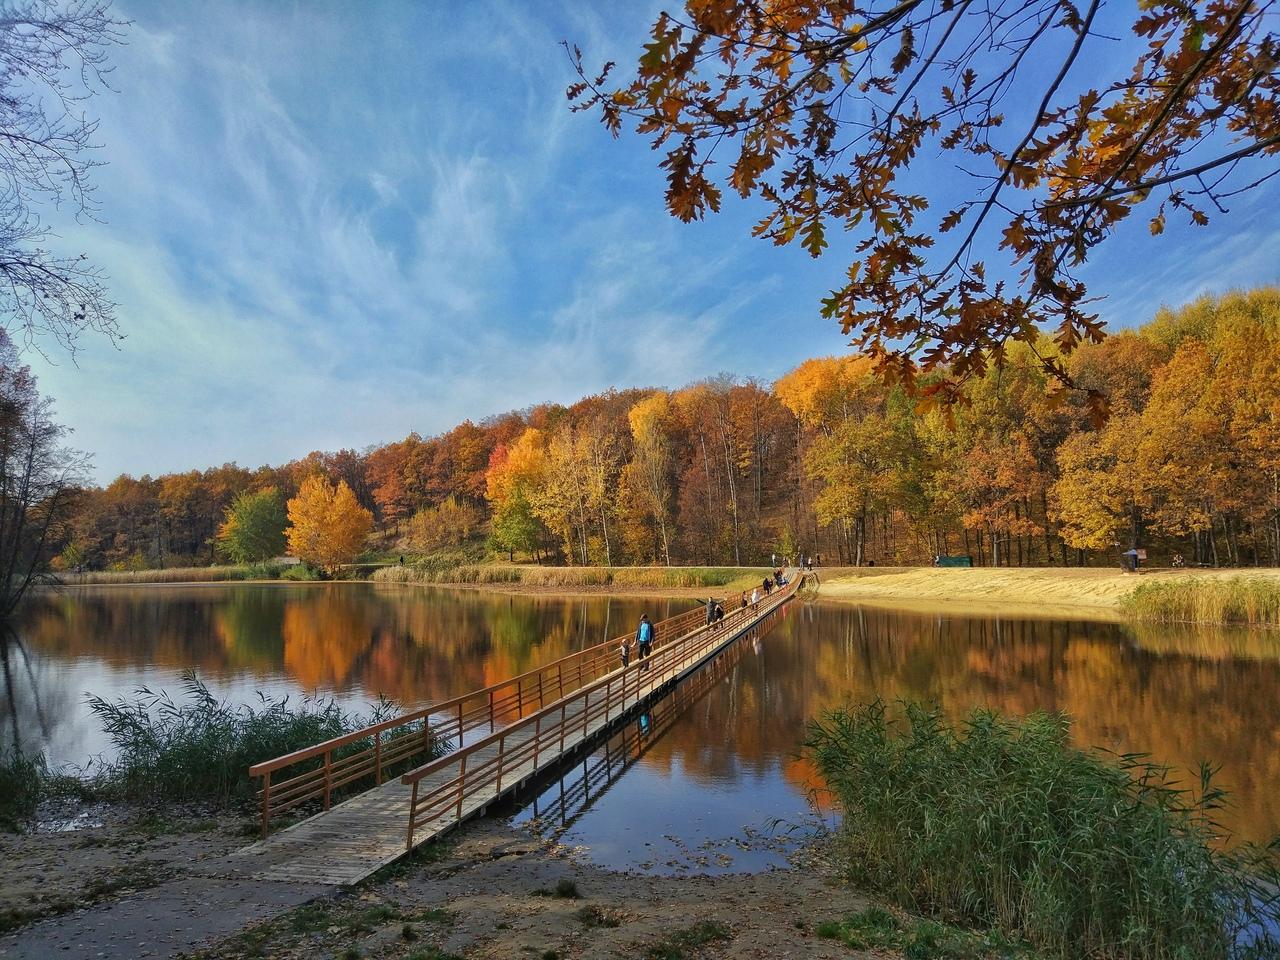 маршалково, строитель, яковлевский район, парк, осень, белгородская область, белгородский обозреватель